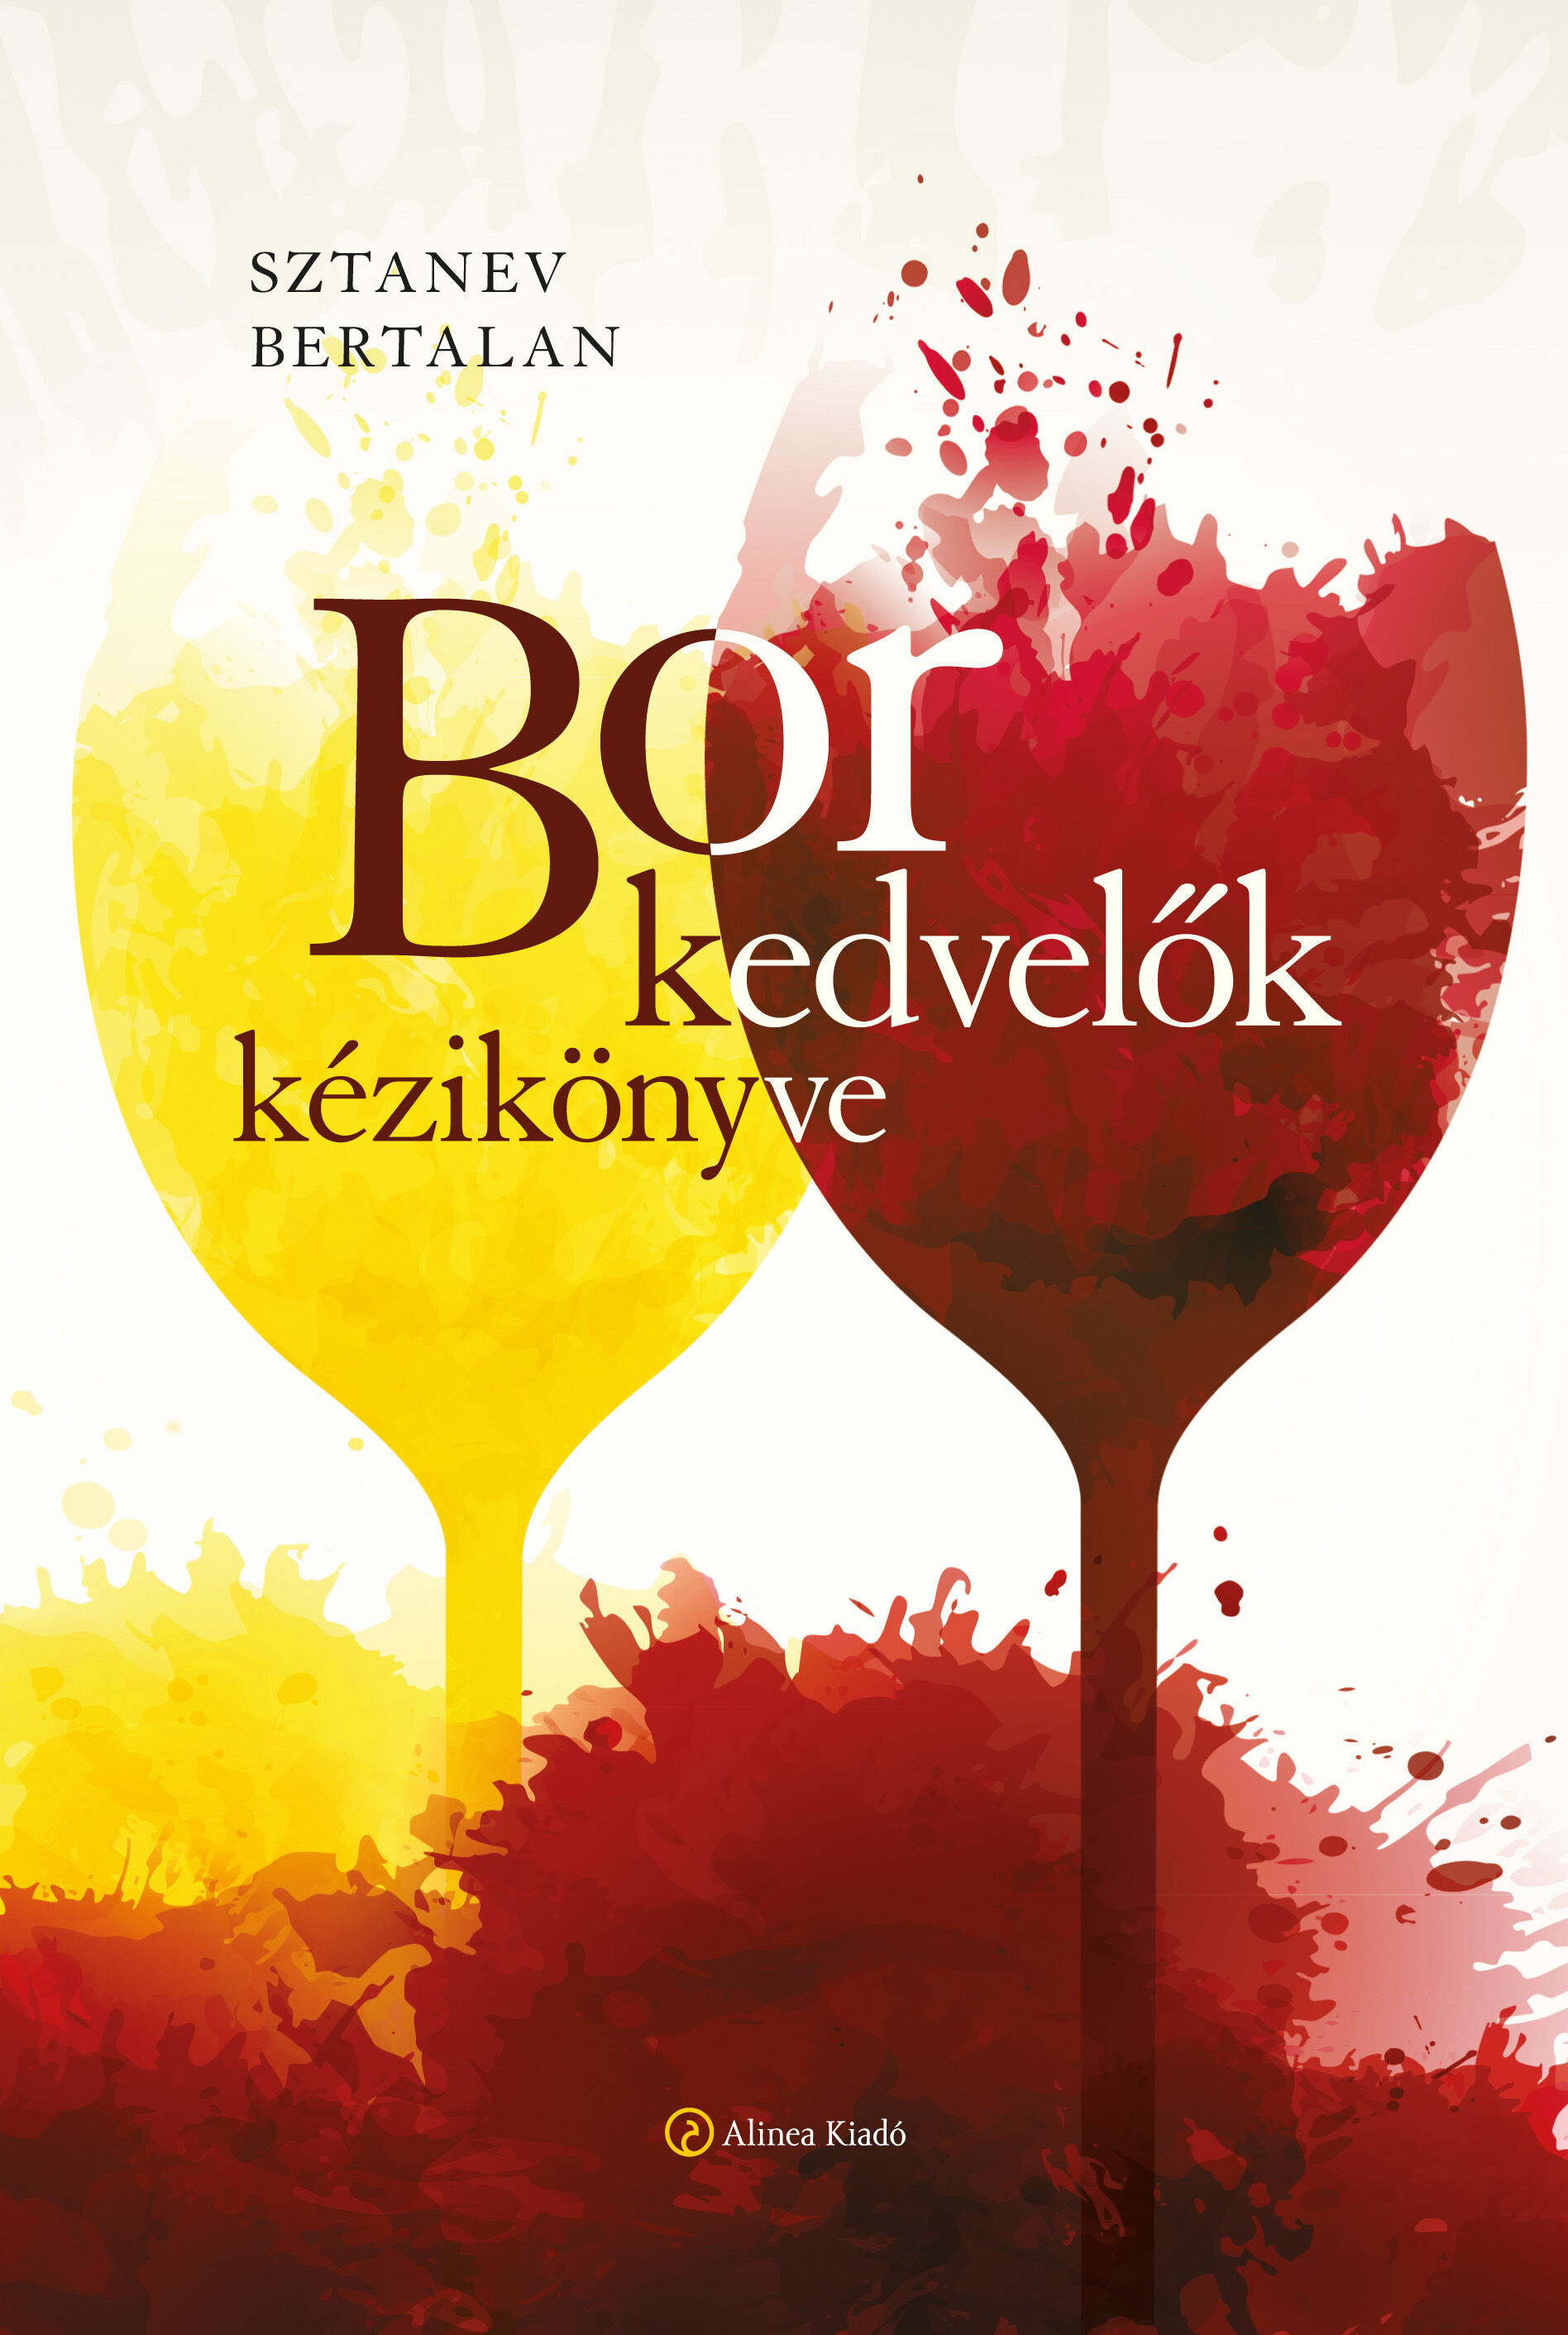 Borkedvelők kézikönyve, bor, borismeret, borvidékek, borfajták, Sztanev Bertalan,  Alinea